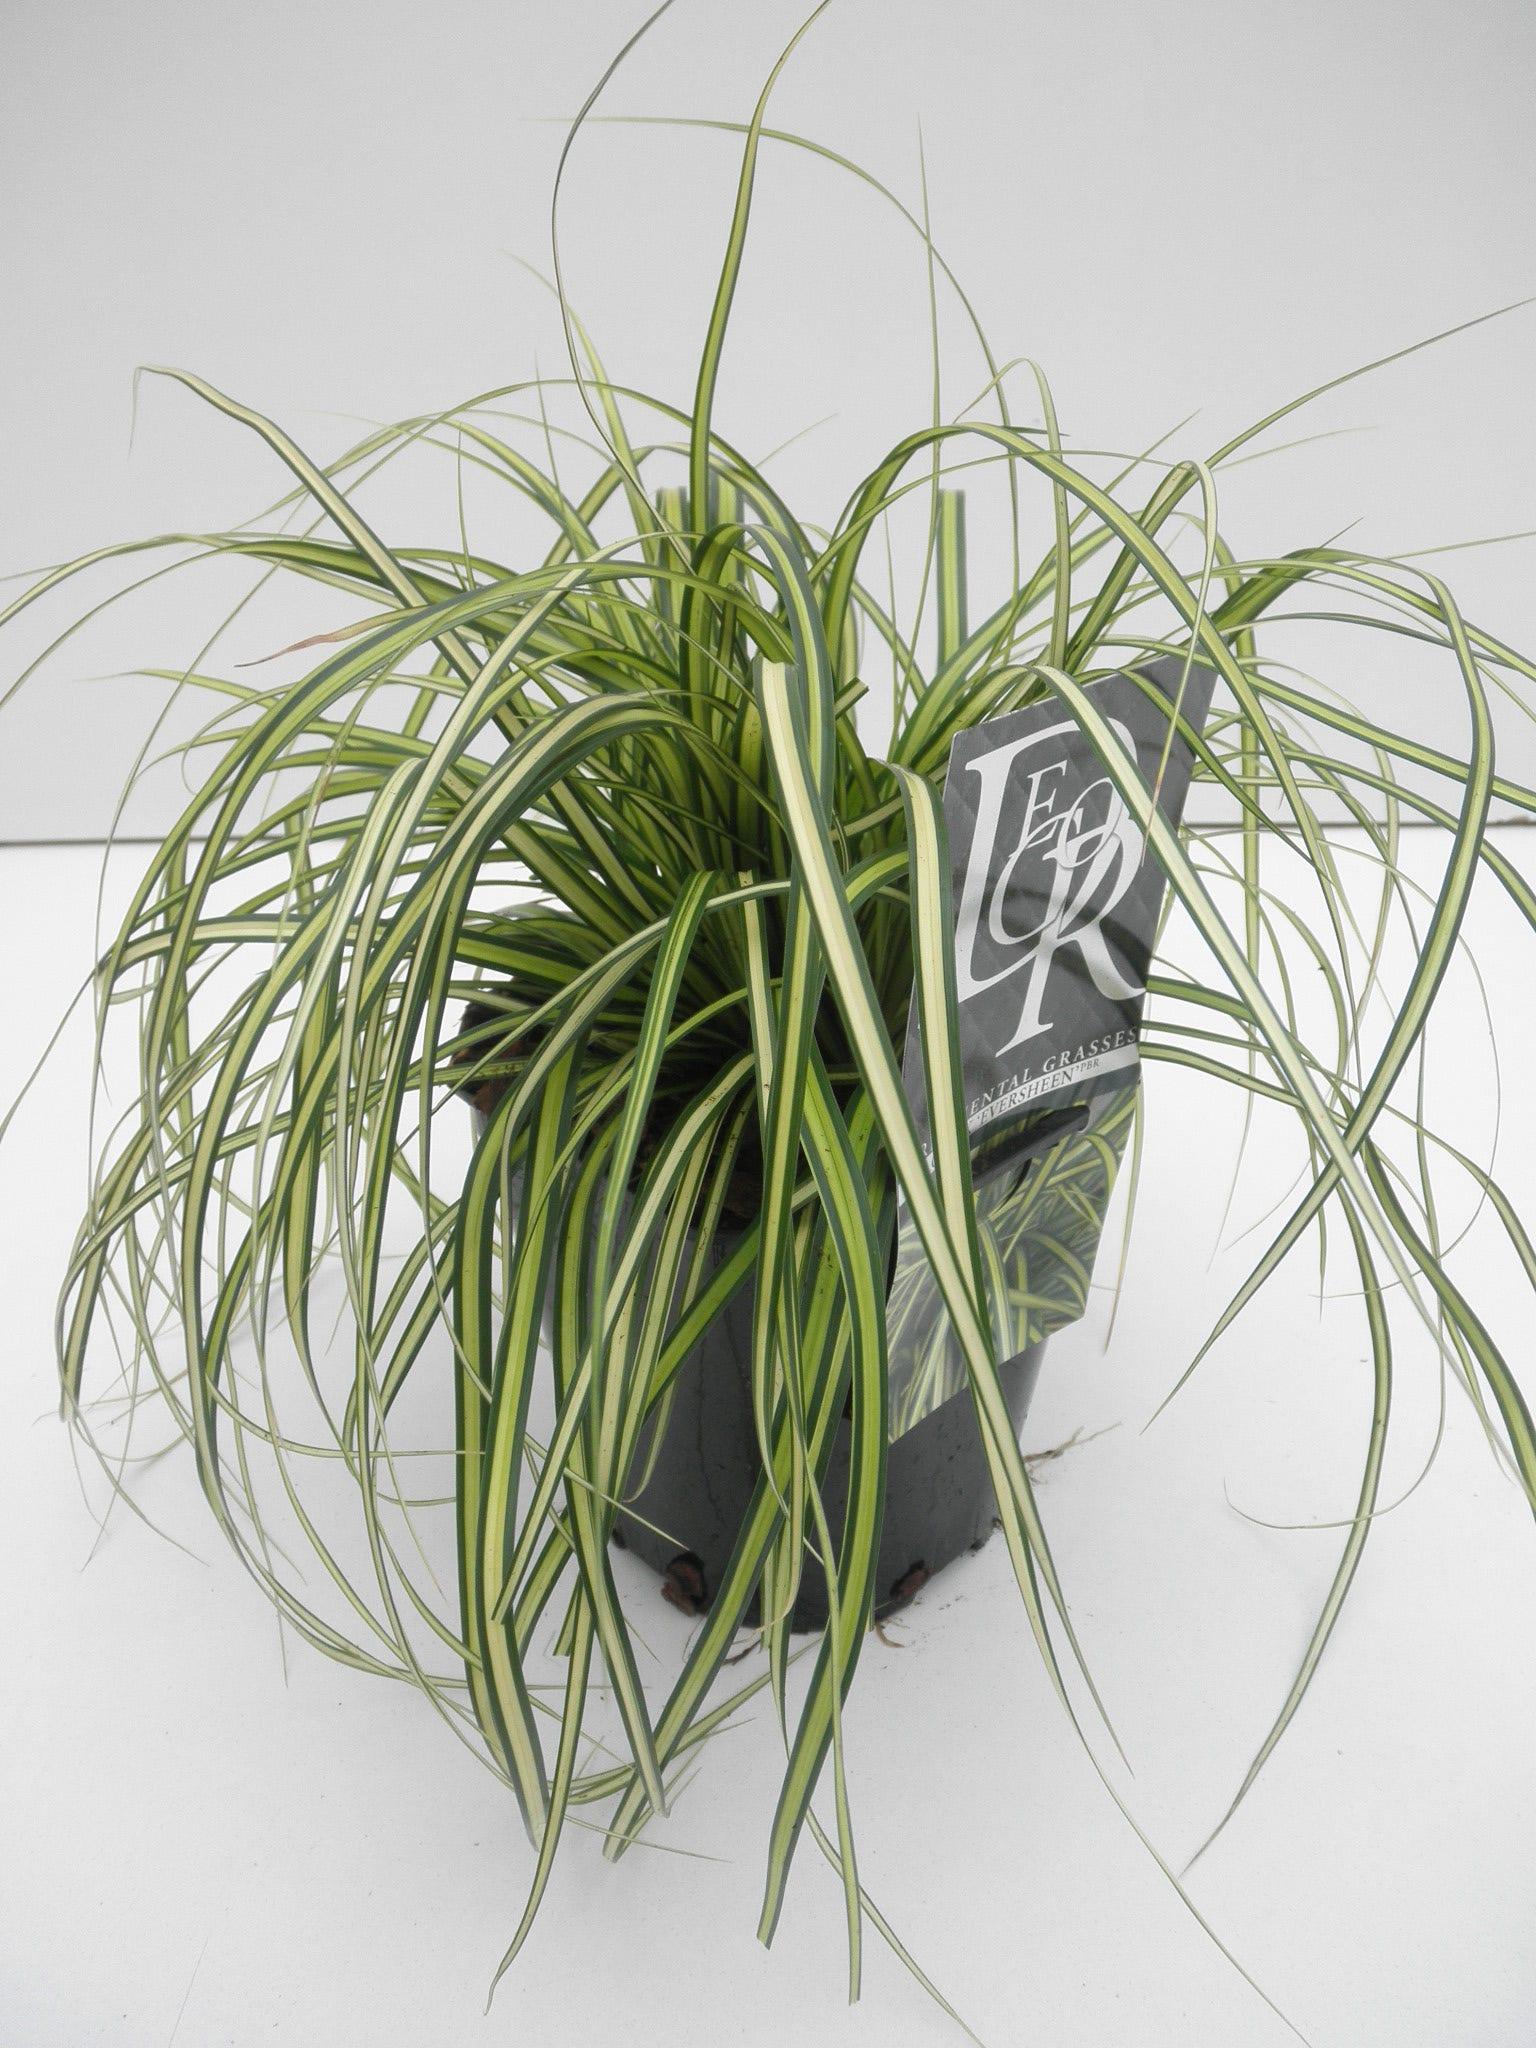 Zegge (Carex Eversheen)-Plant in pot-C2